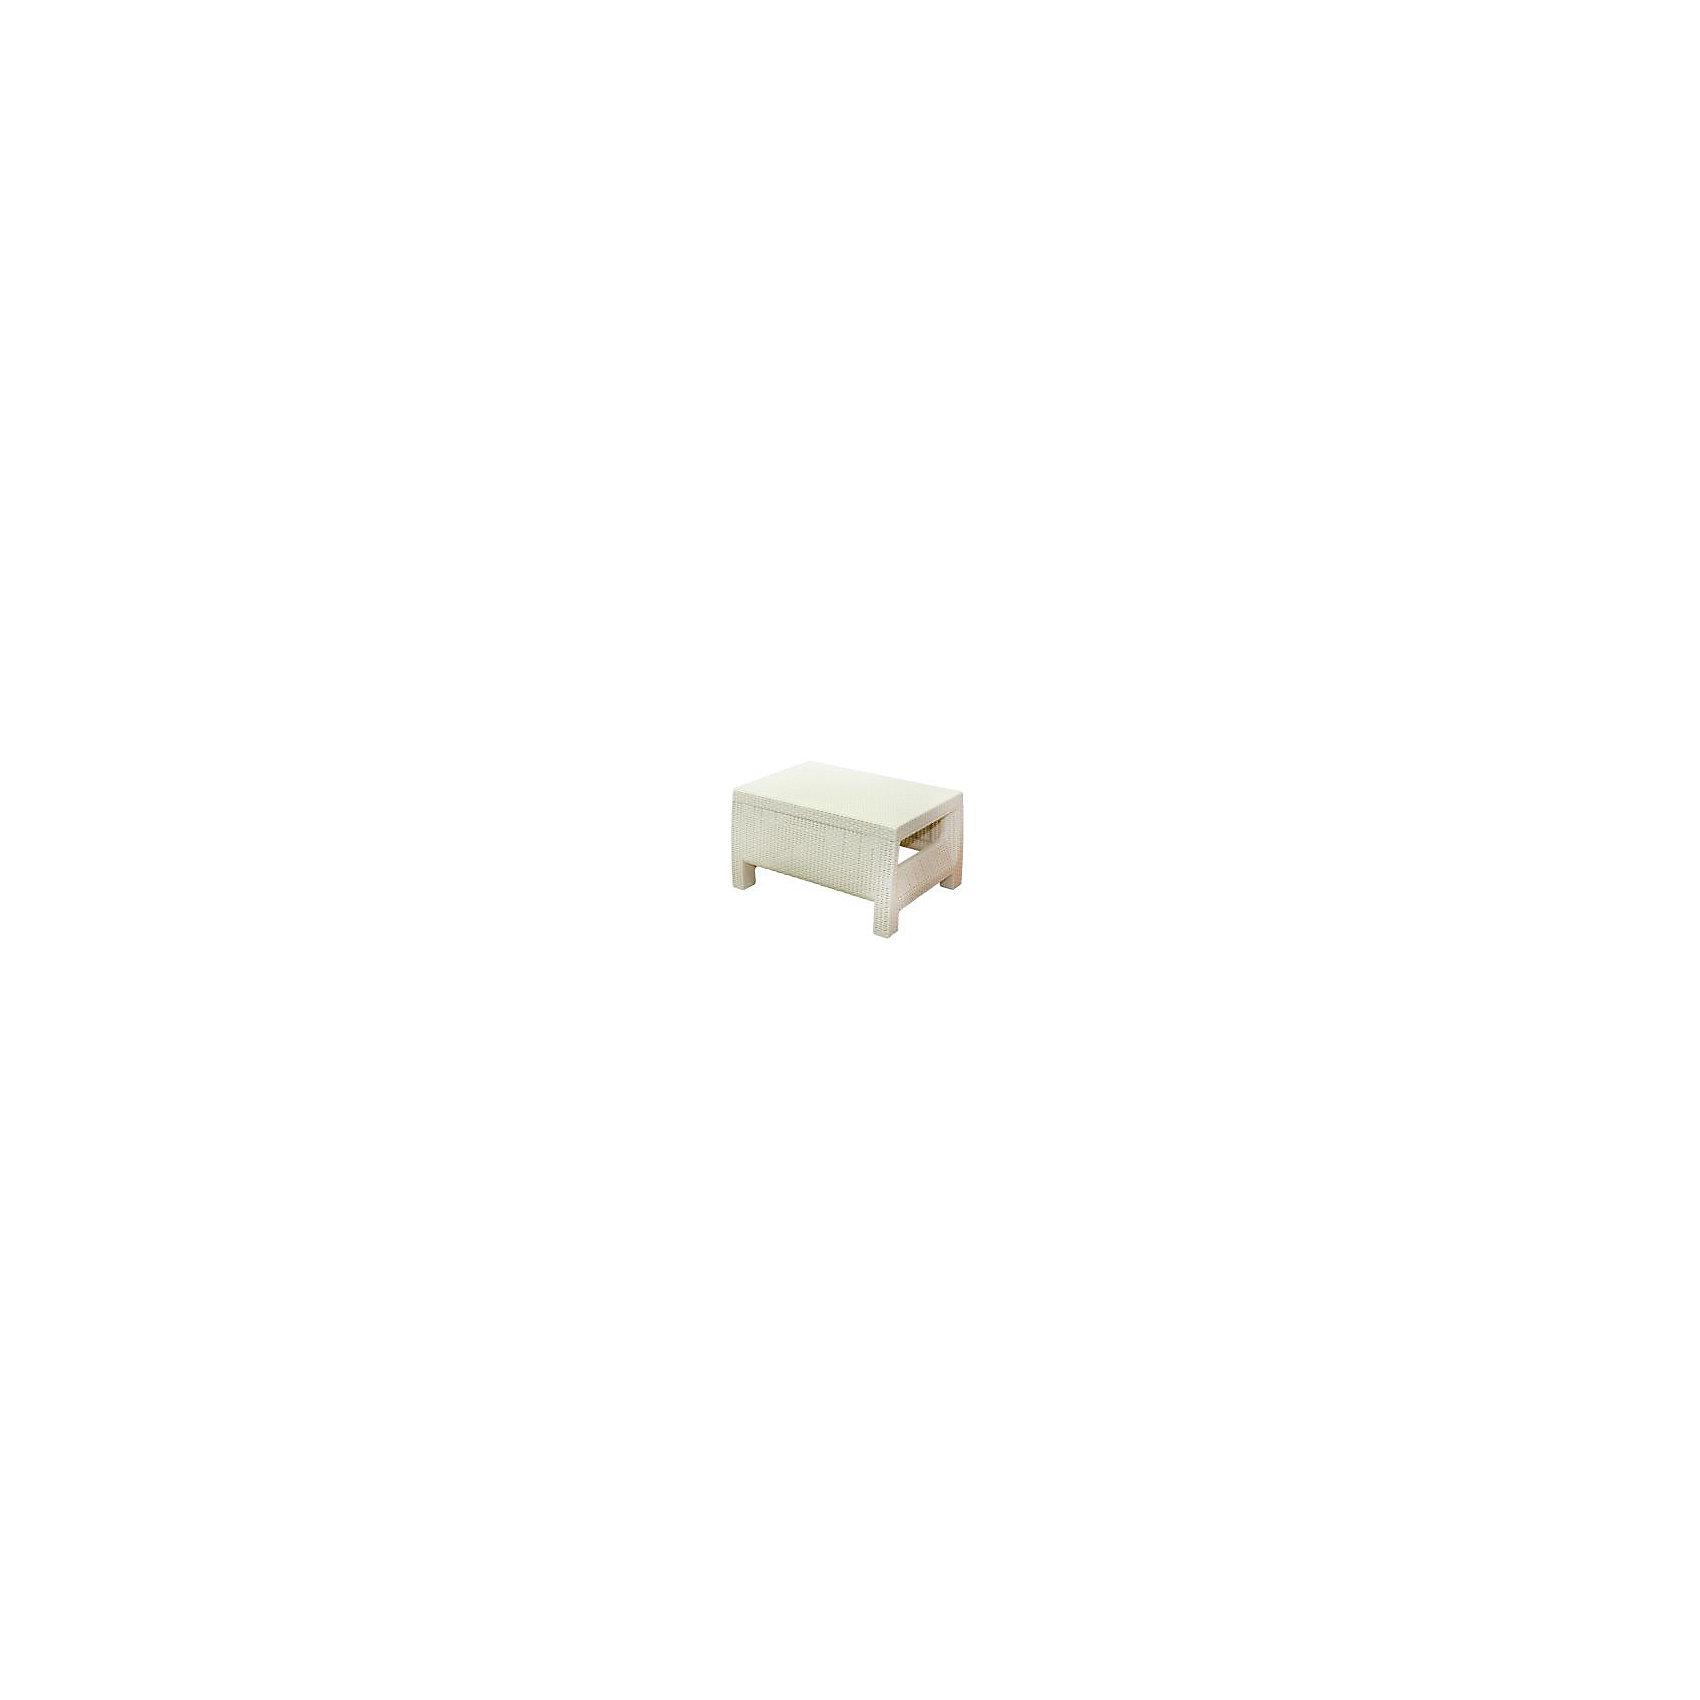 Стол Ротанг, прямоугольный, Alternativa, слоновая костьМебель<br>Стол Ротанг 765х570х420, Alternativa (Альтернатива), слоновая кость<br><br>Характеристики:<br><br>• подходит в качестве журнального столика<br>• приятный дизайн<br>• материал: пластик<br>• размер стола: 76,5х57х42 см<br>• вес: 3,38 кг<br>• цвет: слоновая кость<br><br>Универсальный стол Ротанг отлично подойдет в качестве журнального столика, подставки или стола для отдыха на природе. Лаконичный дизайн прекрасно подходит к любому интерьеру. Широкие ножки гарантируют столу устойчивость на любой поверхности. Стол Ротанг изготовлен из качественного пластика с высокой прочностью.<br><br>Стол Ротанг 765х570х420, Alternativa (Альтернатива), слоновая кость вы можете купить в нашем интернет-магазине.<br><br>Ширина мм: 765<br>Глубина мм: 570<br>Высота мм: 420<br>Вес г: 4100<br>Возраст от месяцев: 12<br>Возраст до месяцев: 1188<br>Пол: Унисекс<br>Возраст: Детский<br>SKU: 5436209